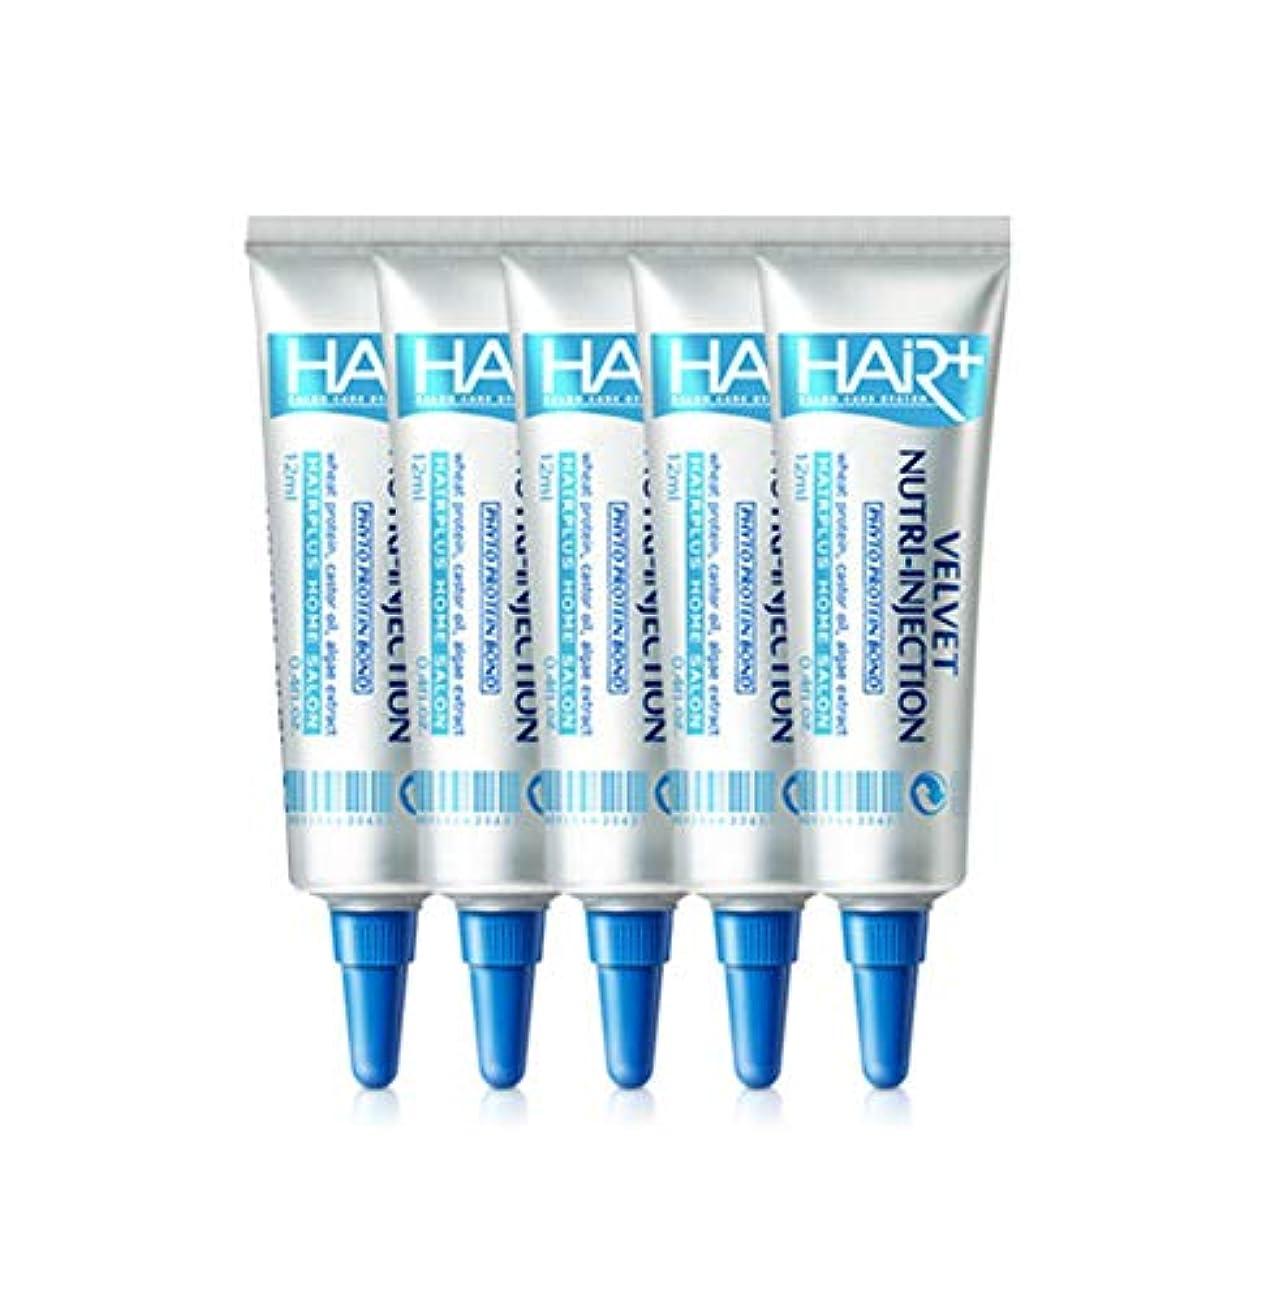 シーン少なくとも悲観的ヘアプラスHairplus韓国コスメヘアタンパク質アンプルヘアケアトリートメント12ml 5個 海外直送品Protein Treatment [並行輸入品]